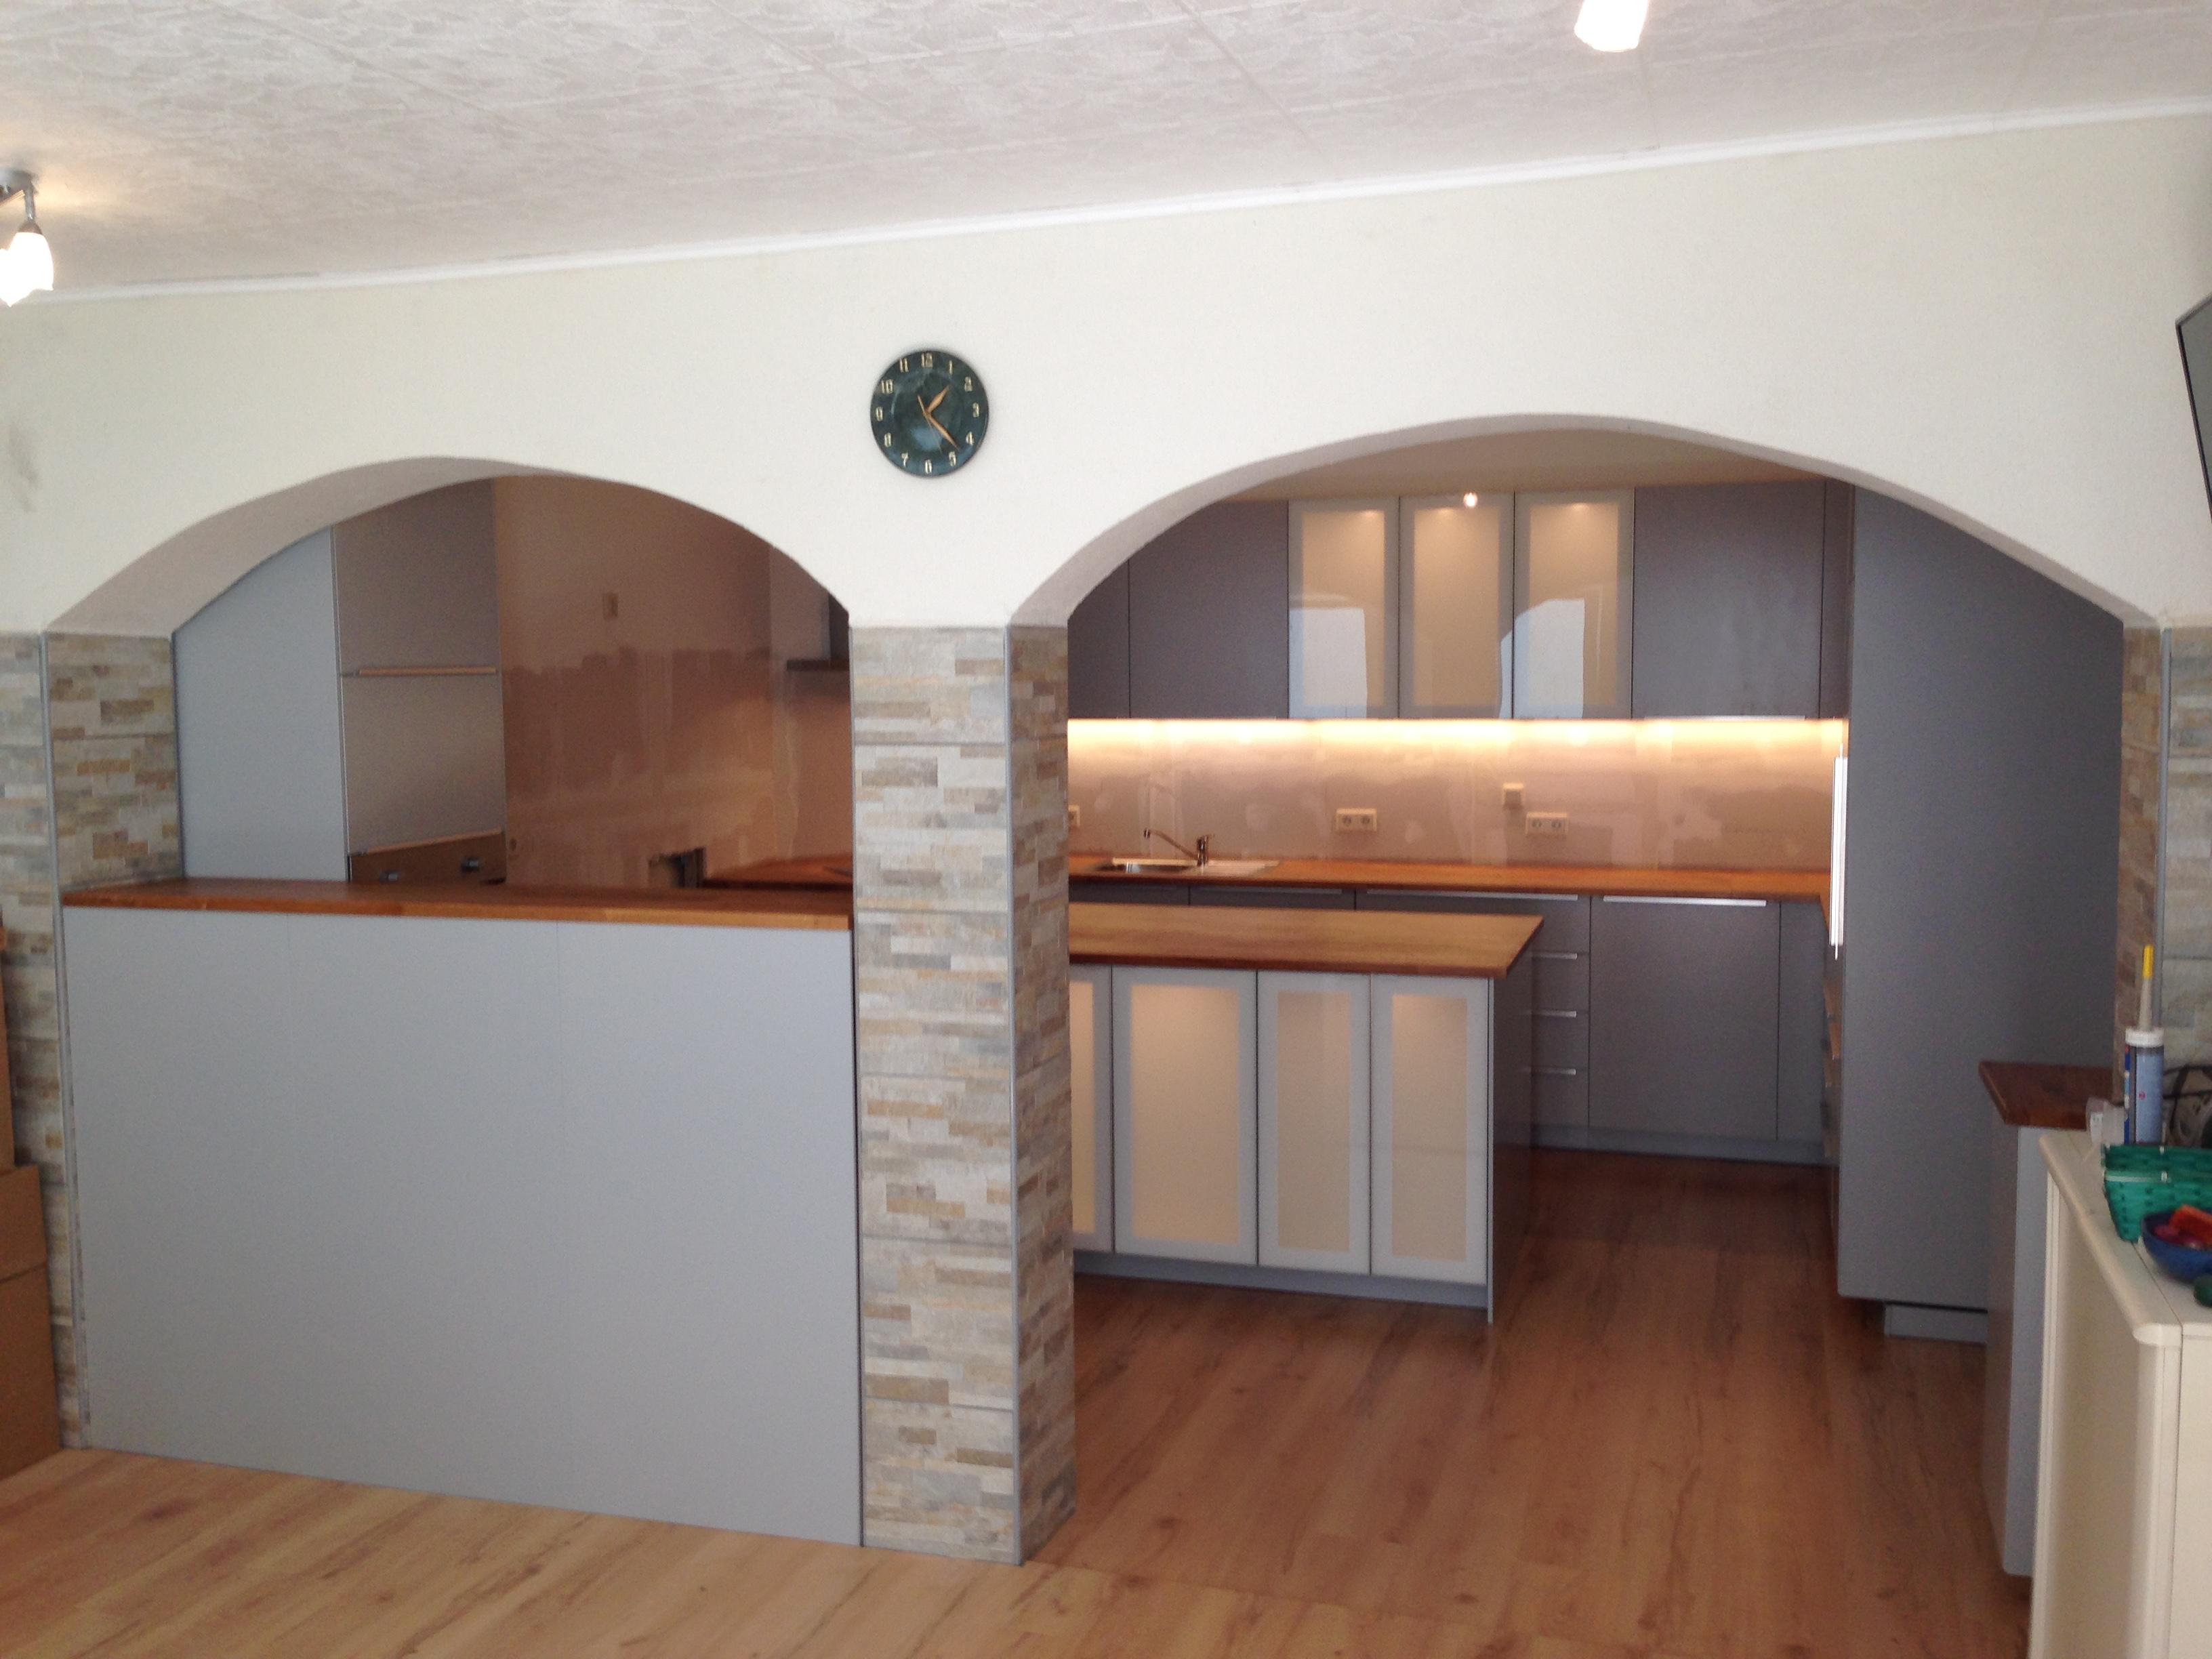 hellgraue Küchenfronten mit Kochinsel. Arbeitsplatte in Eiche-Vollholz